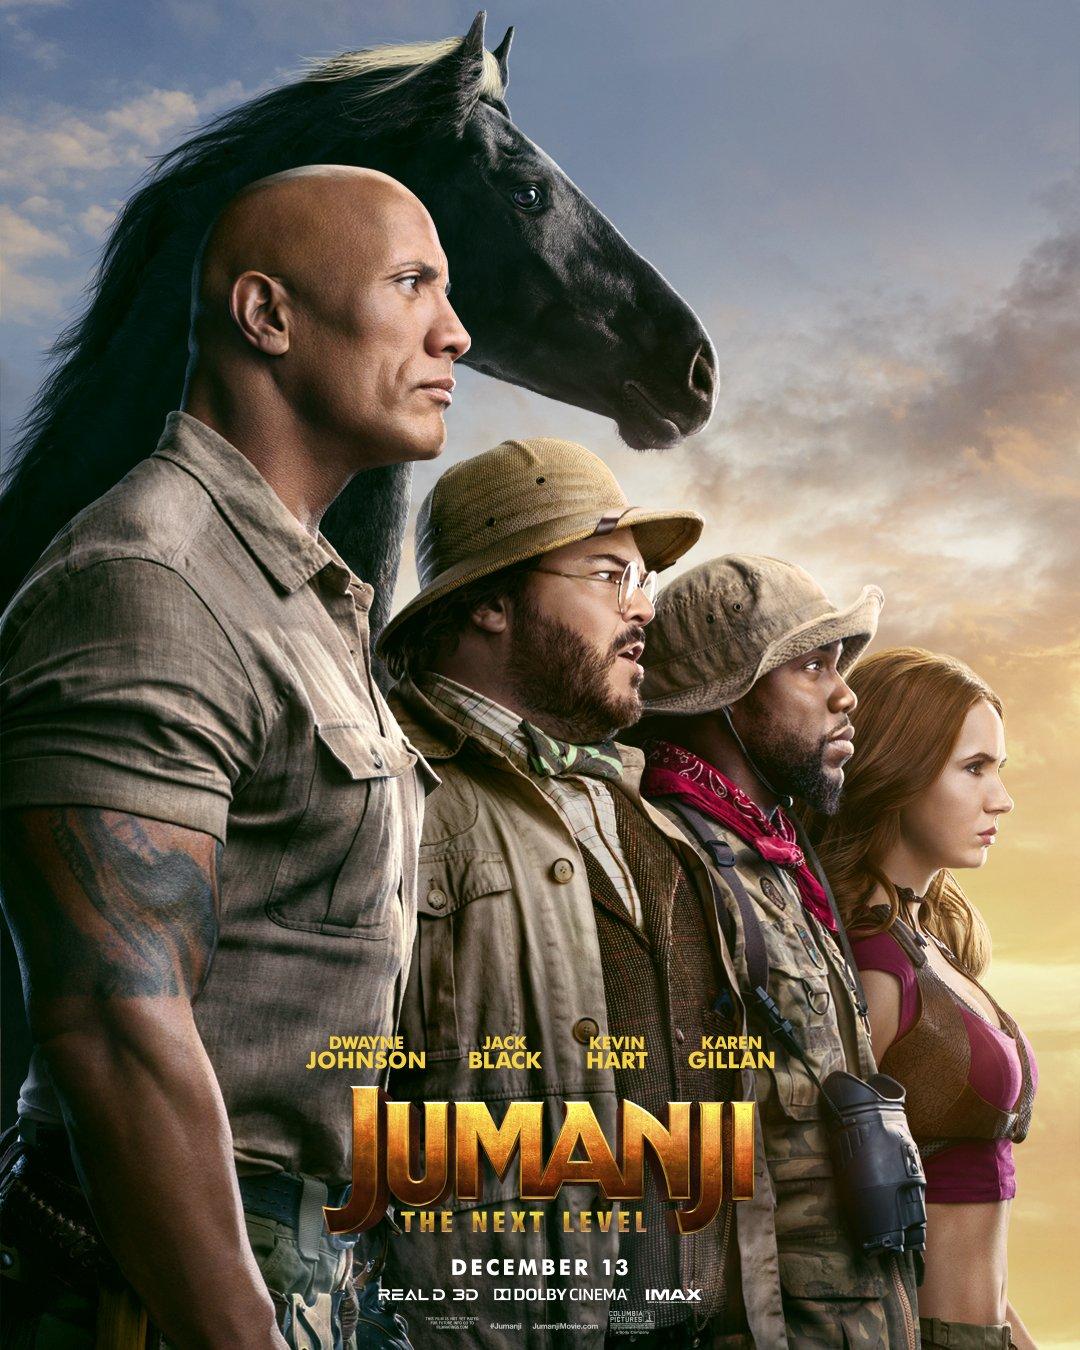 jumanji-2-the-next-level-poster.jpg